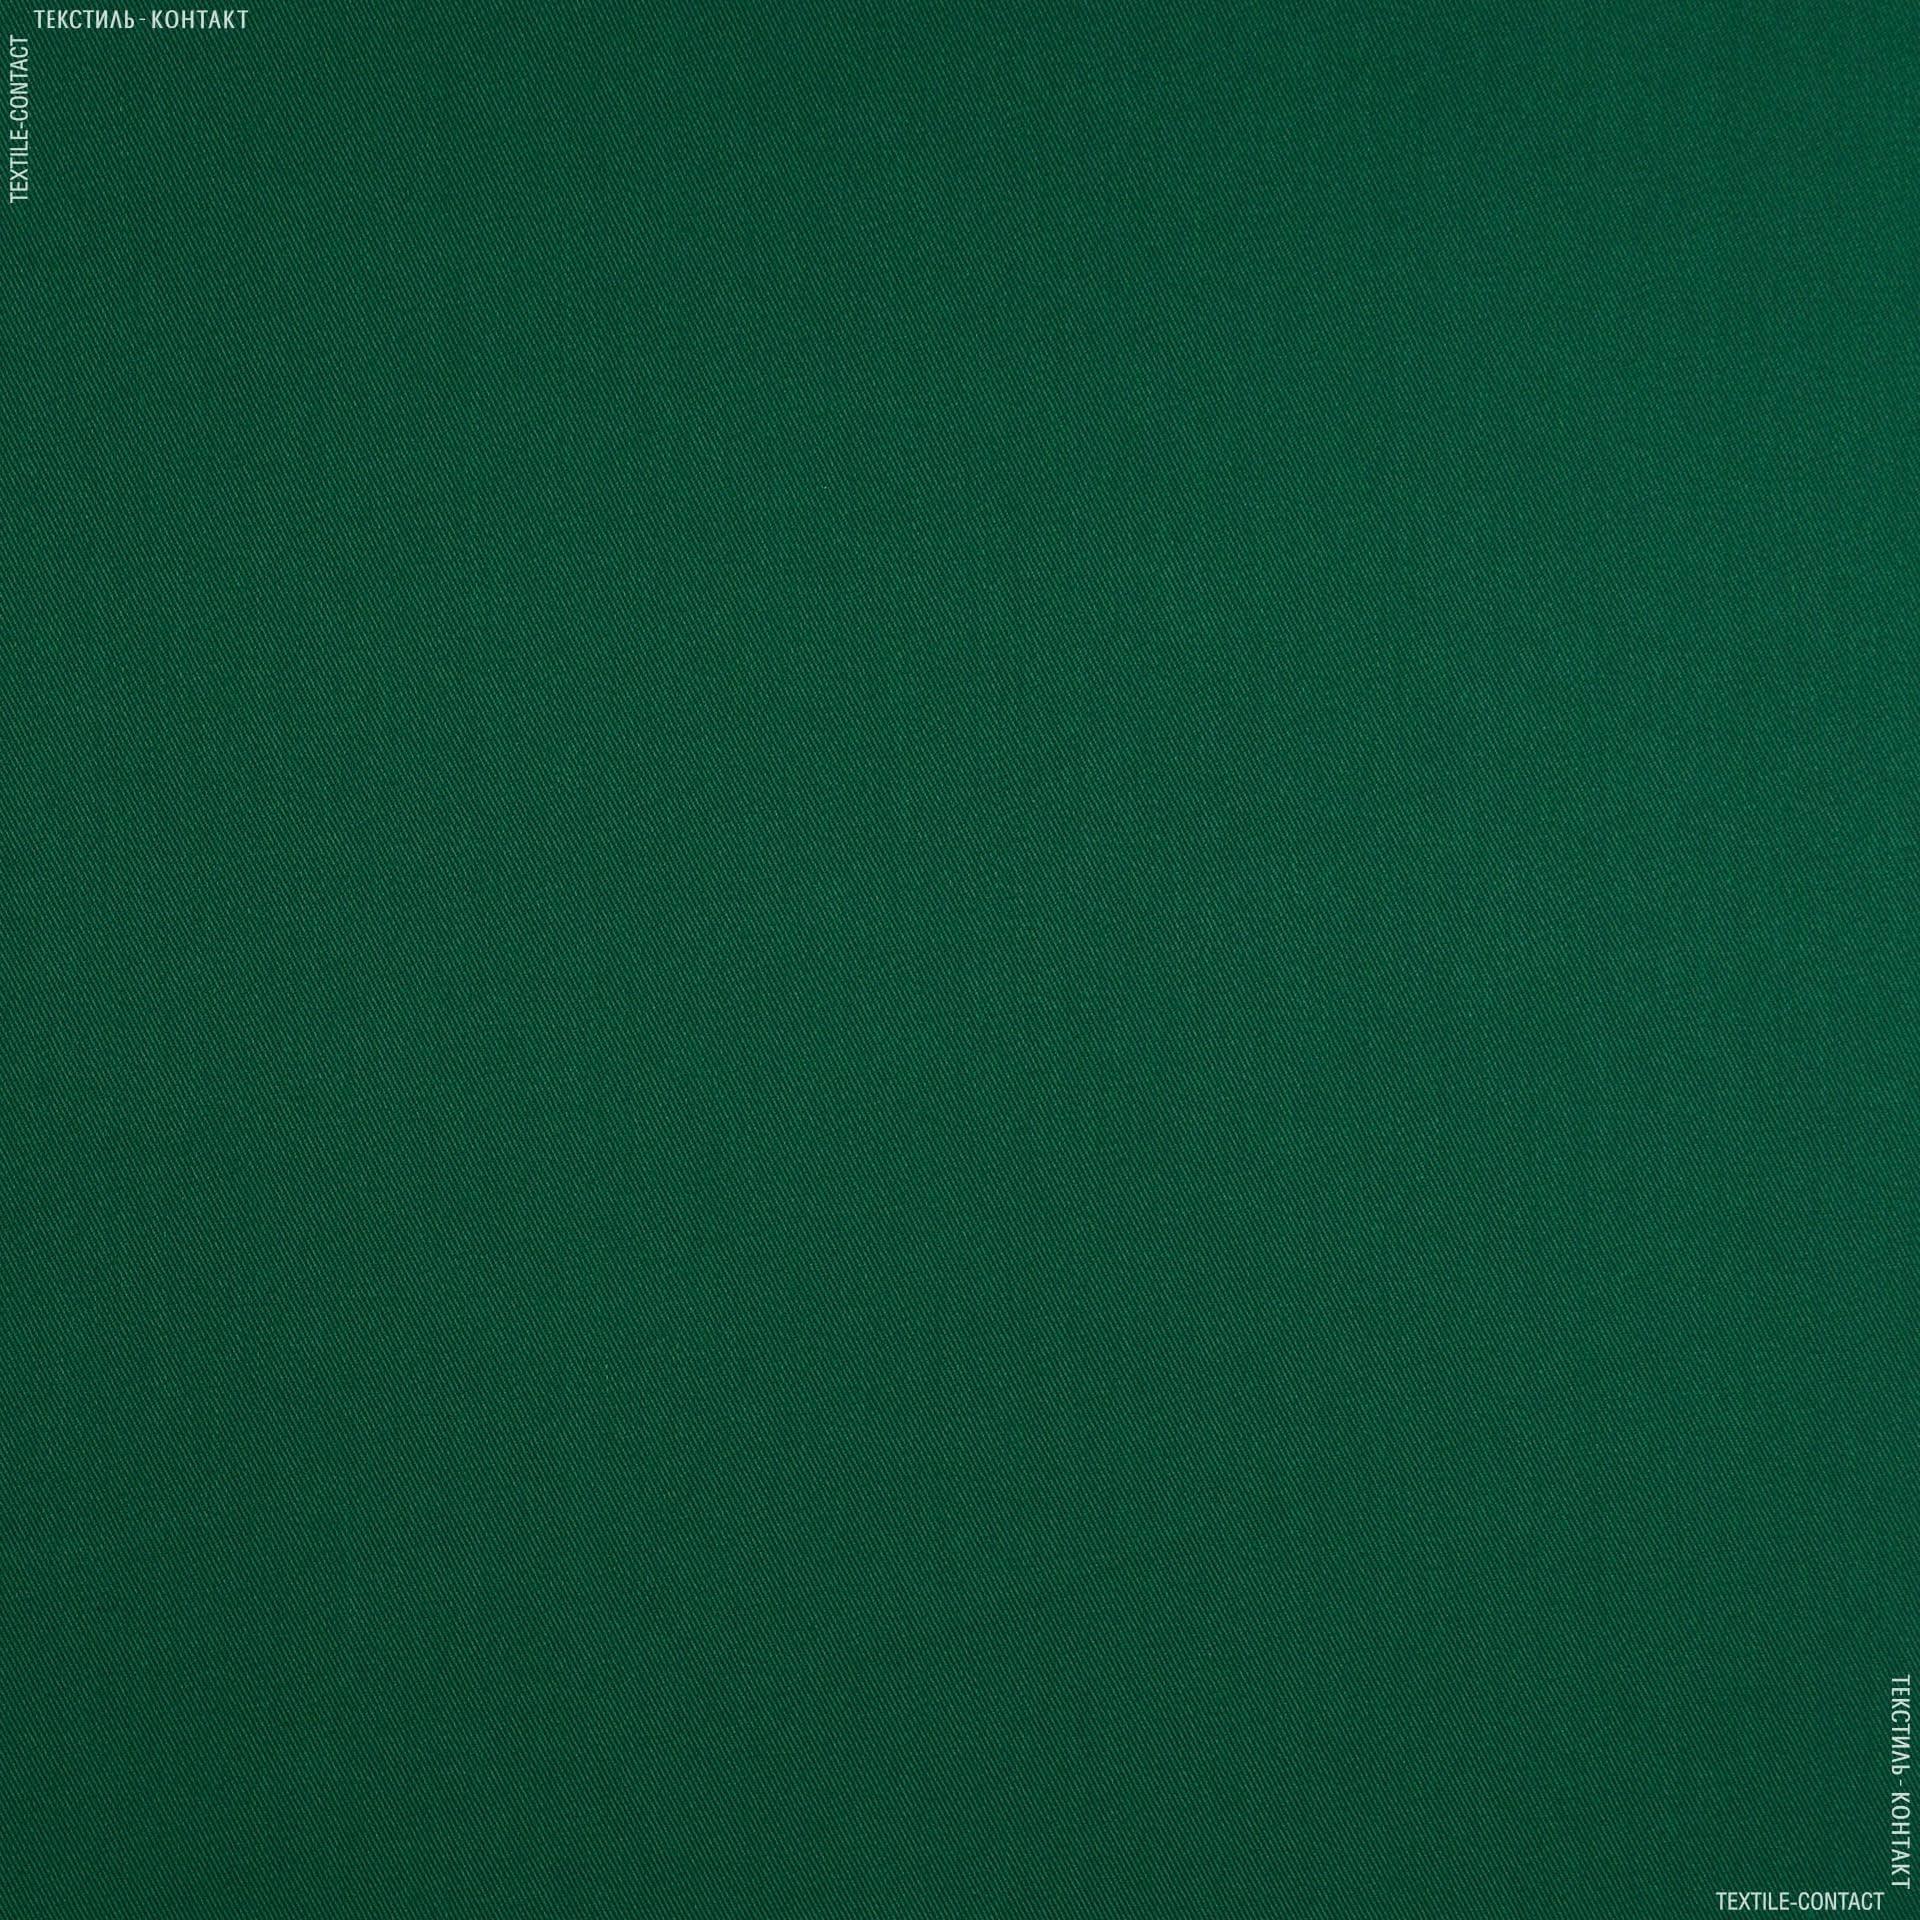 Тканини для рюкзаків - Саржа к1-701 зелений